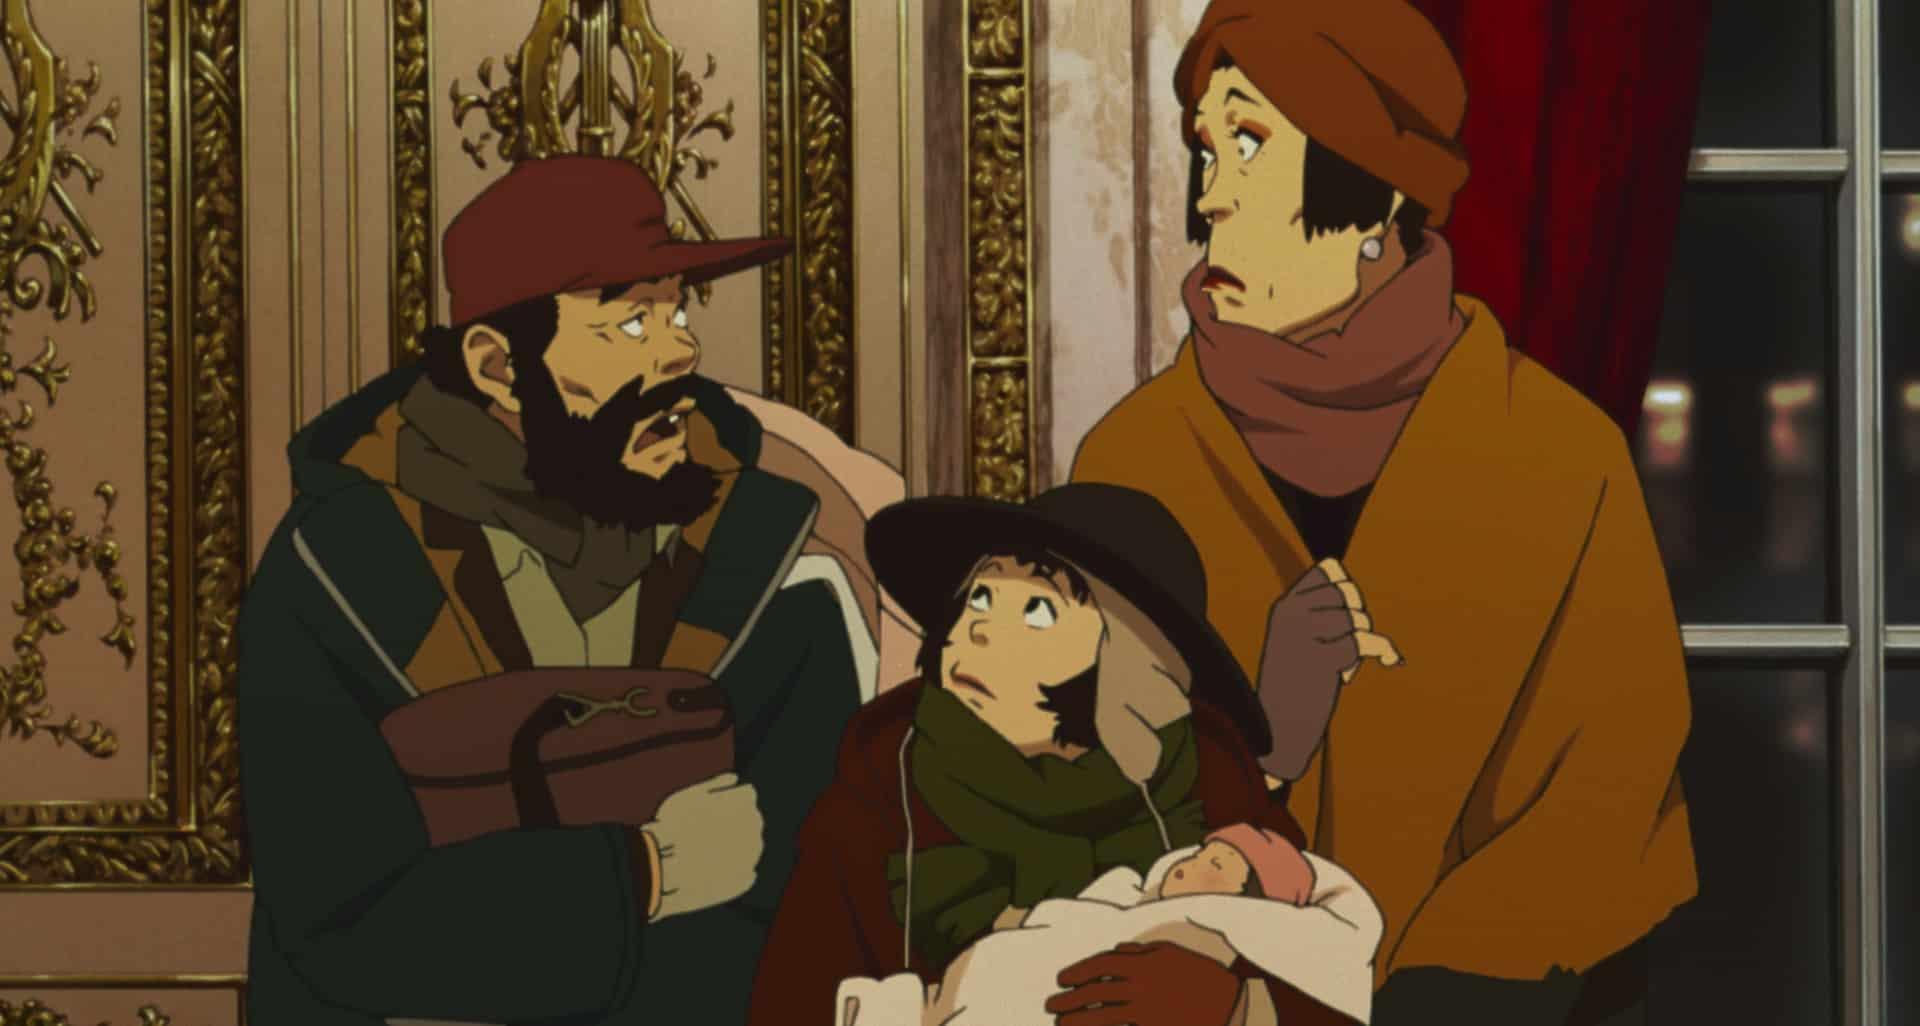 tokyo godfathers film animazione giapponese